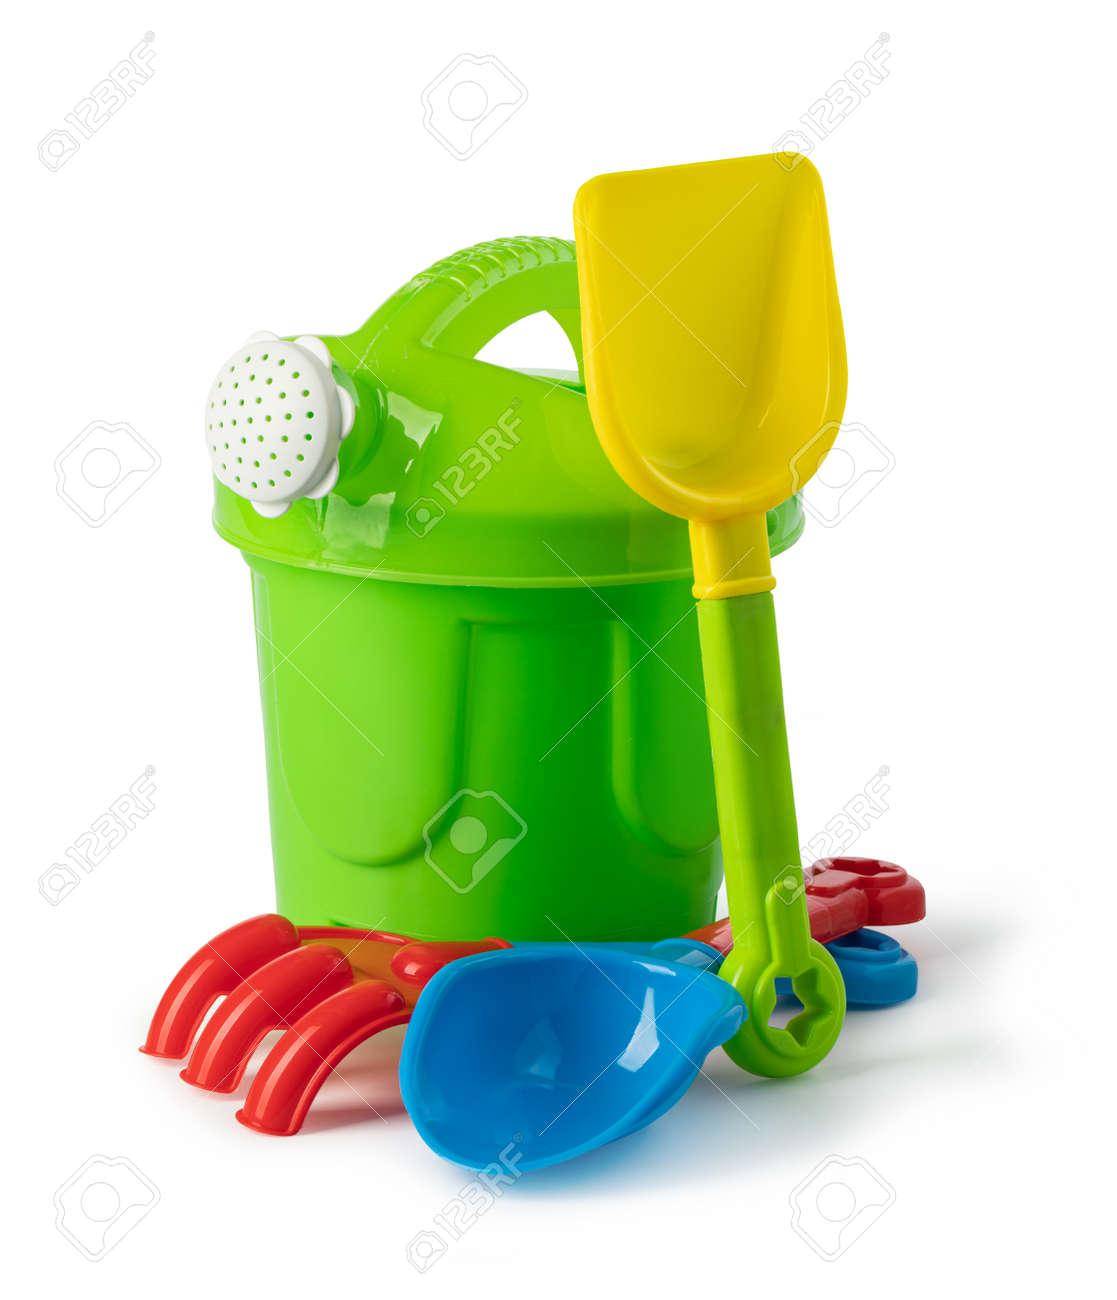 Baby toy bucket and shovel rake isolated on white background - 167779988